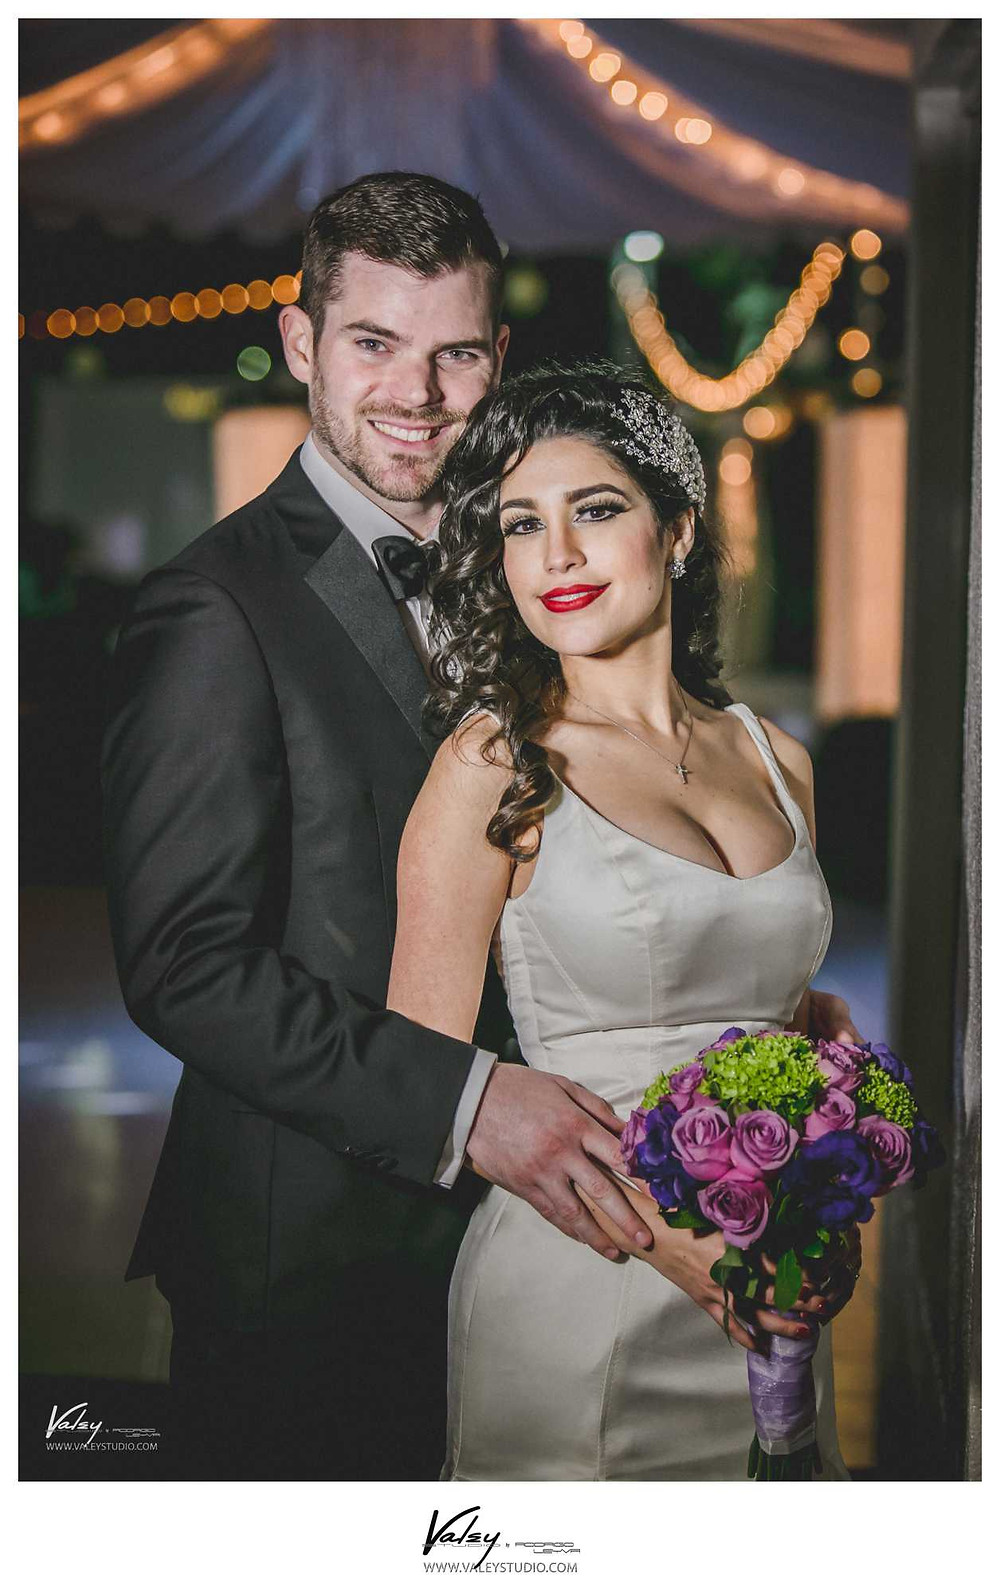 wedding-valeystudio-real-del-rio-tijuana-48.jpg